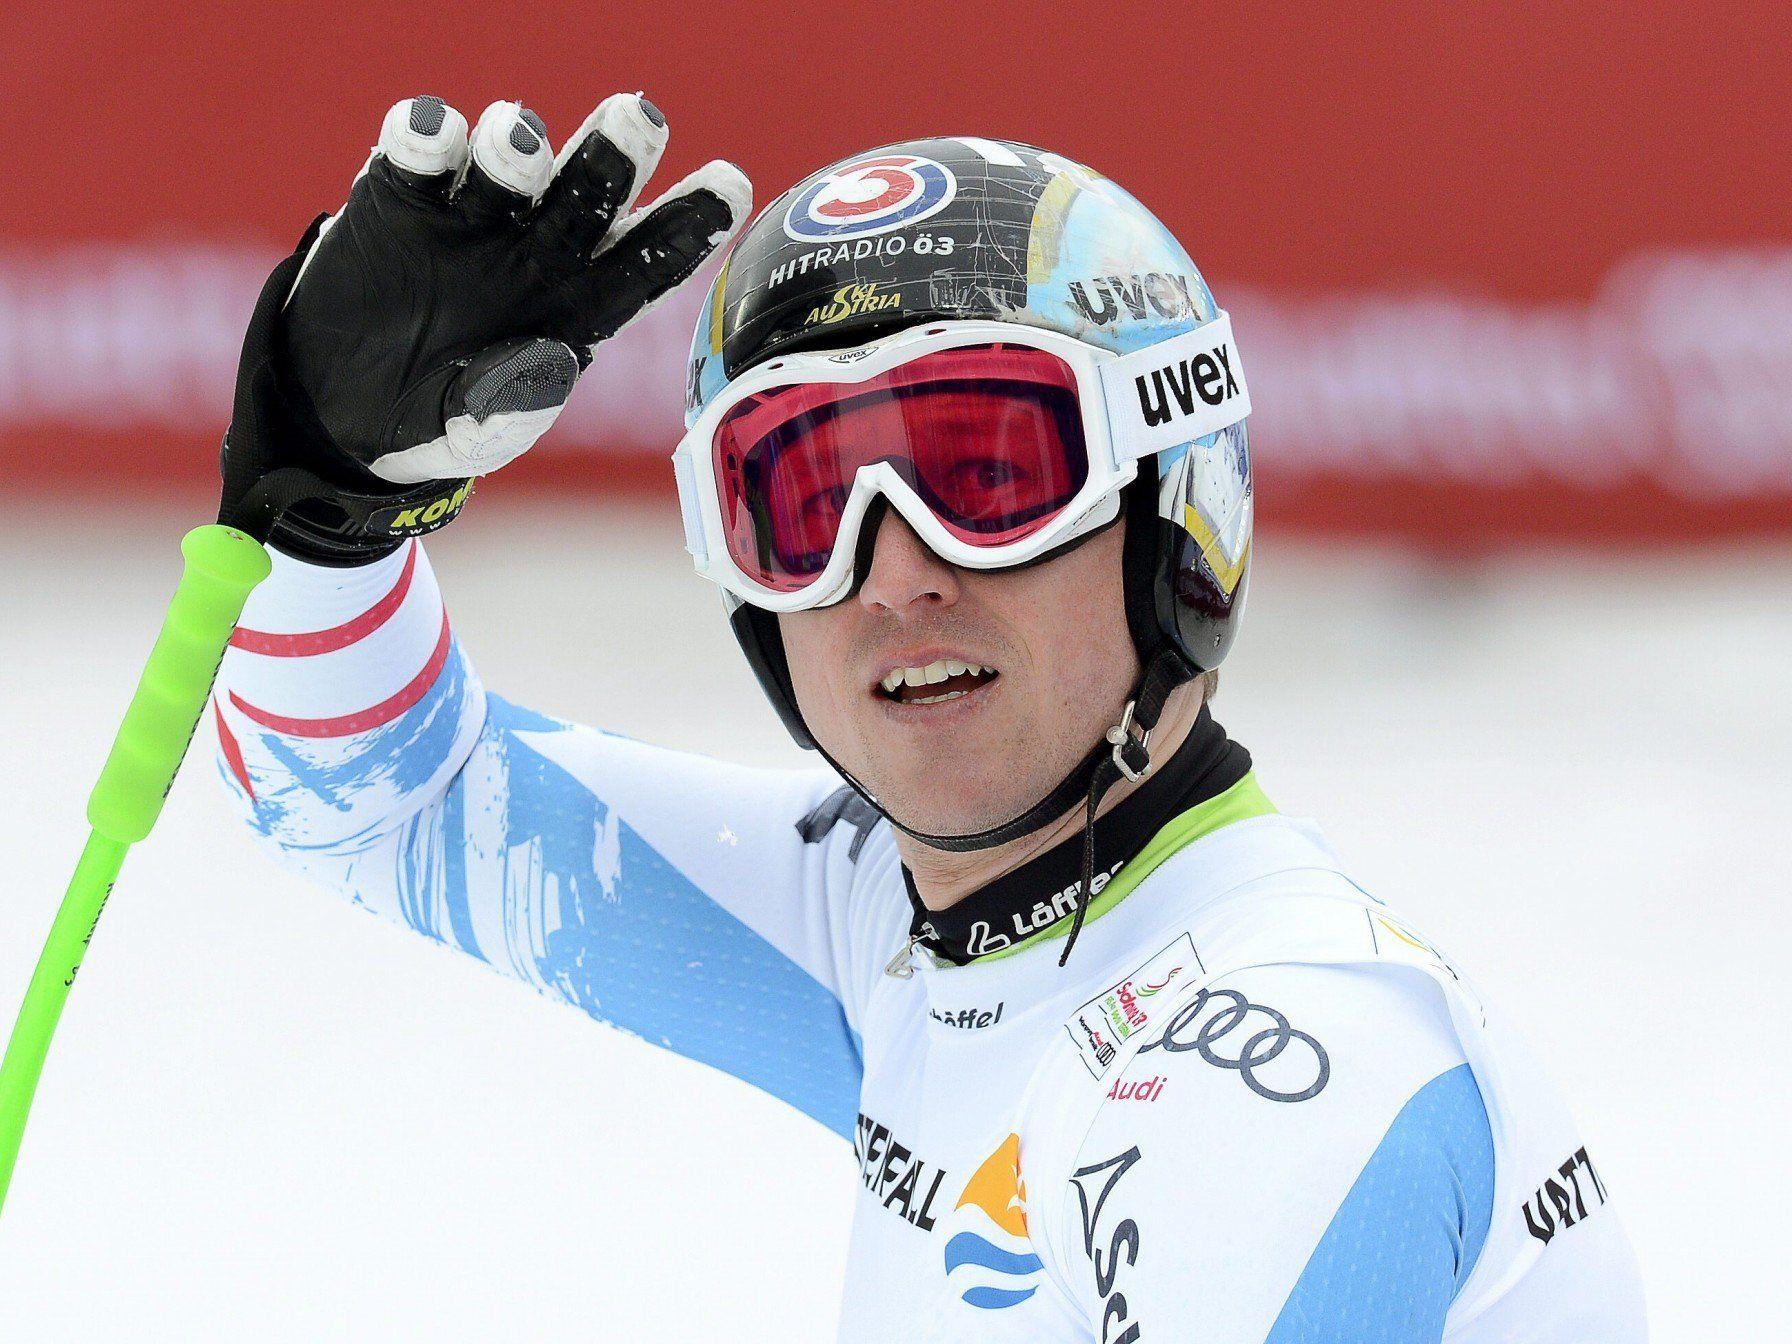 Knapp an einer Super-G-Medaille vorbei: Hannes Reichelt auf Platz vier.